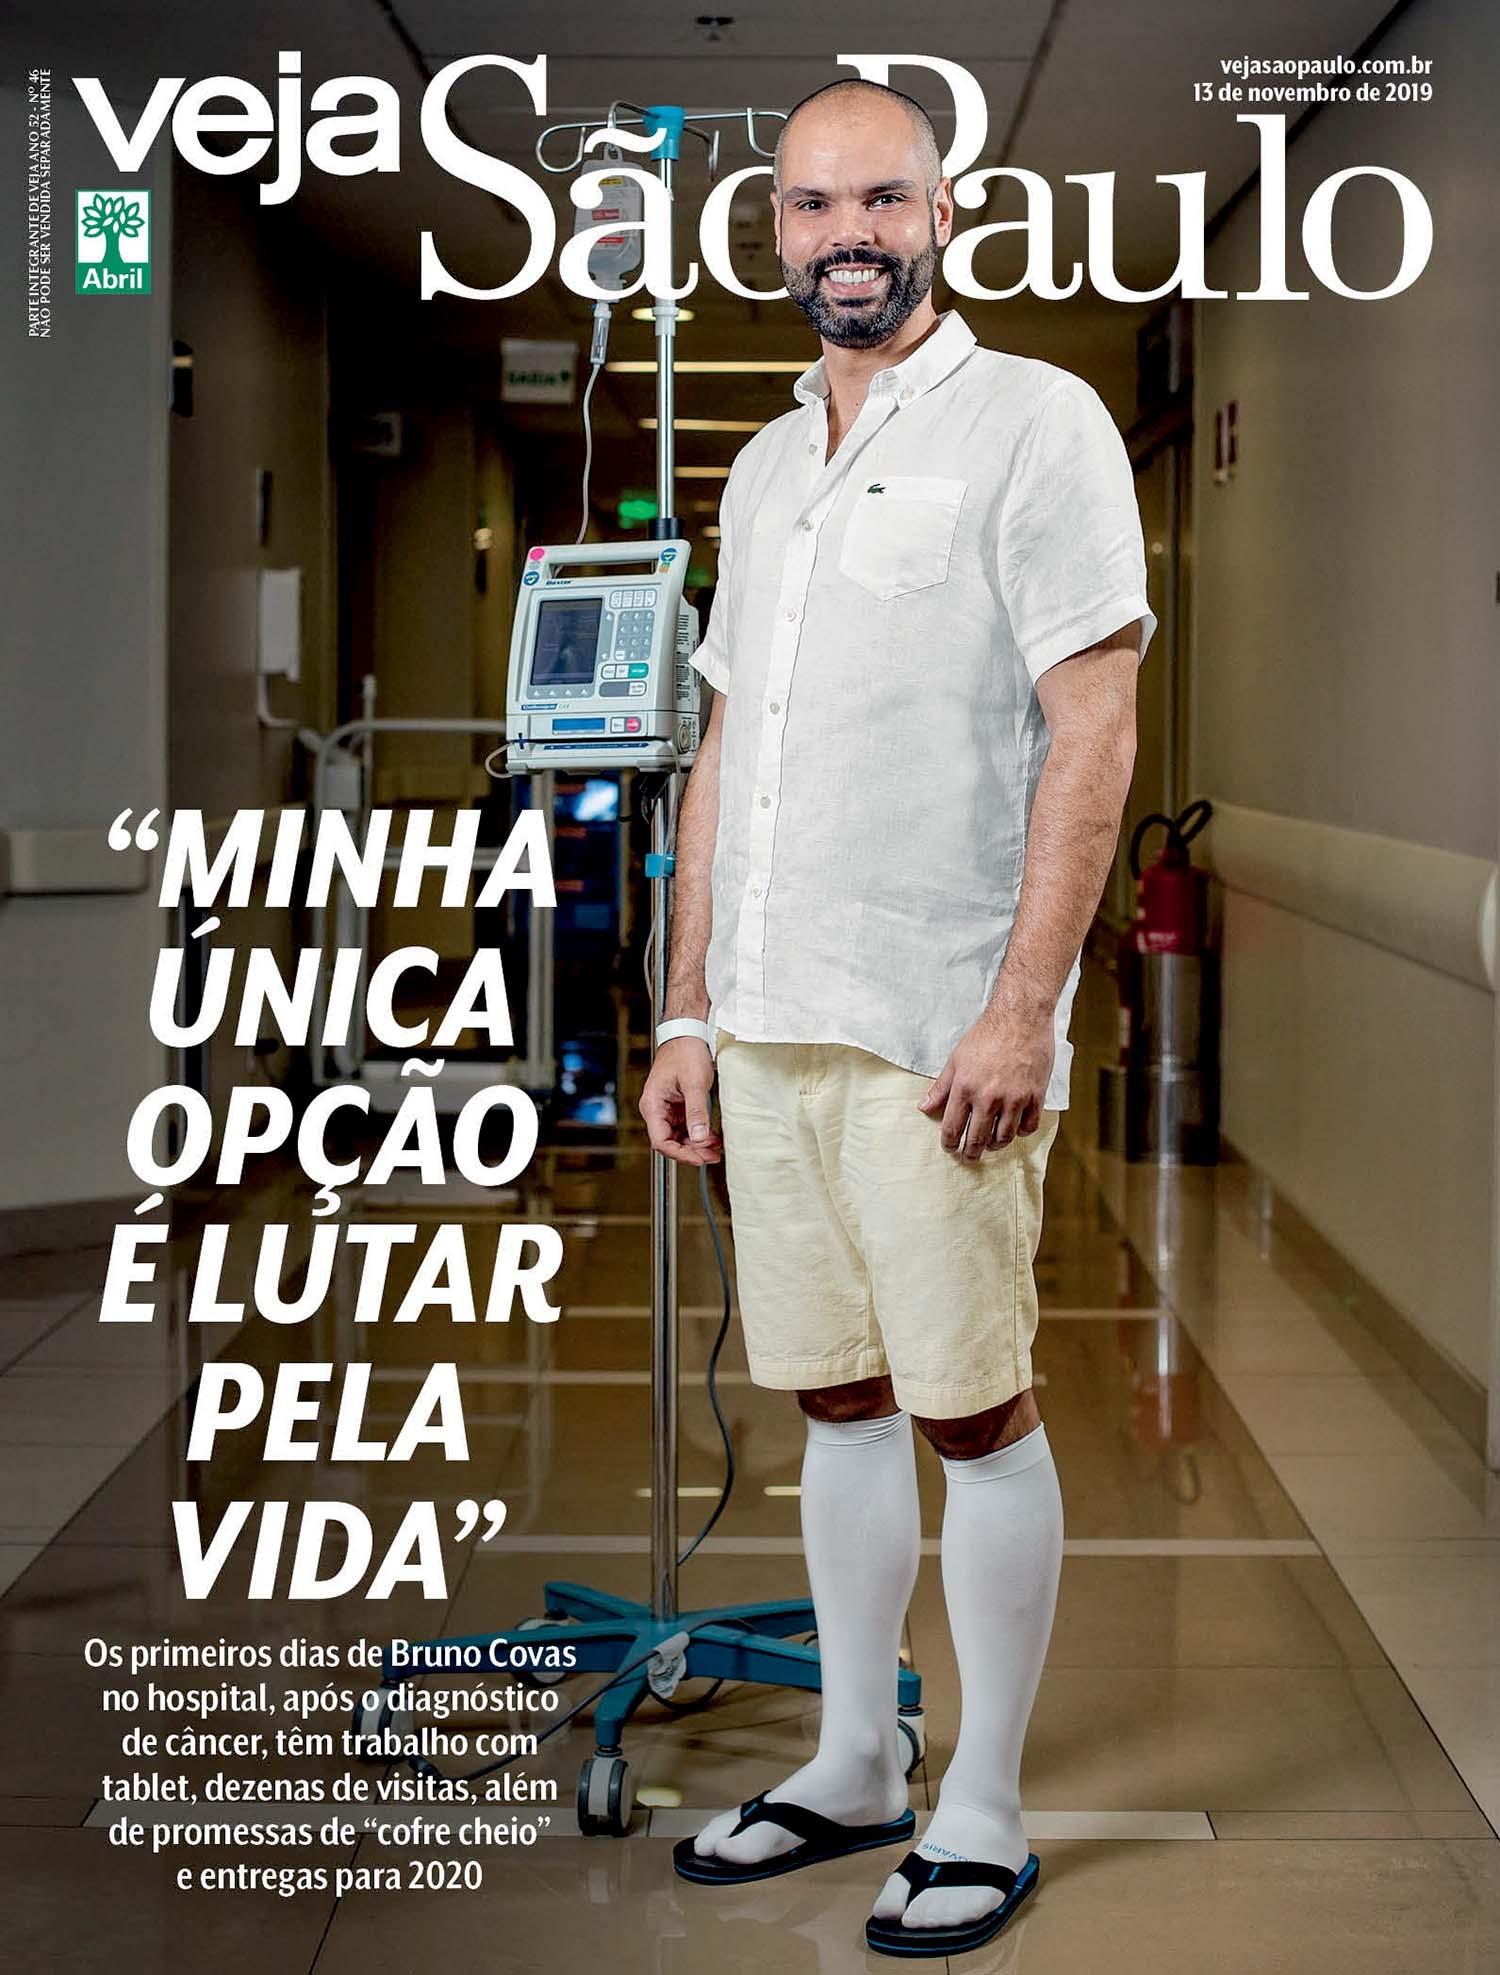 Bruno Covas, no hospital, em novembro de 2019